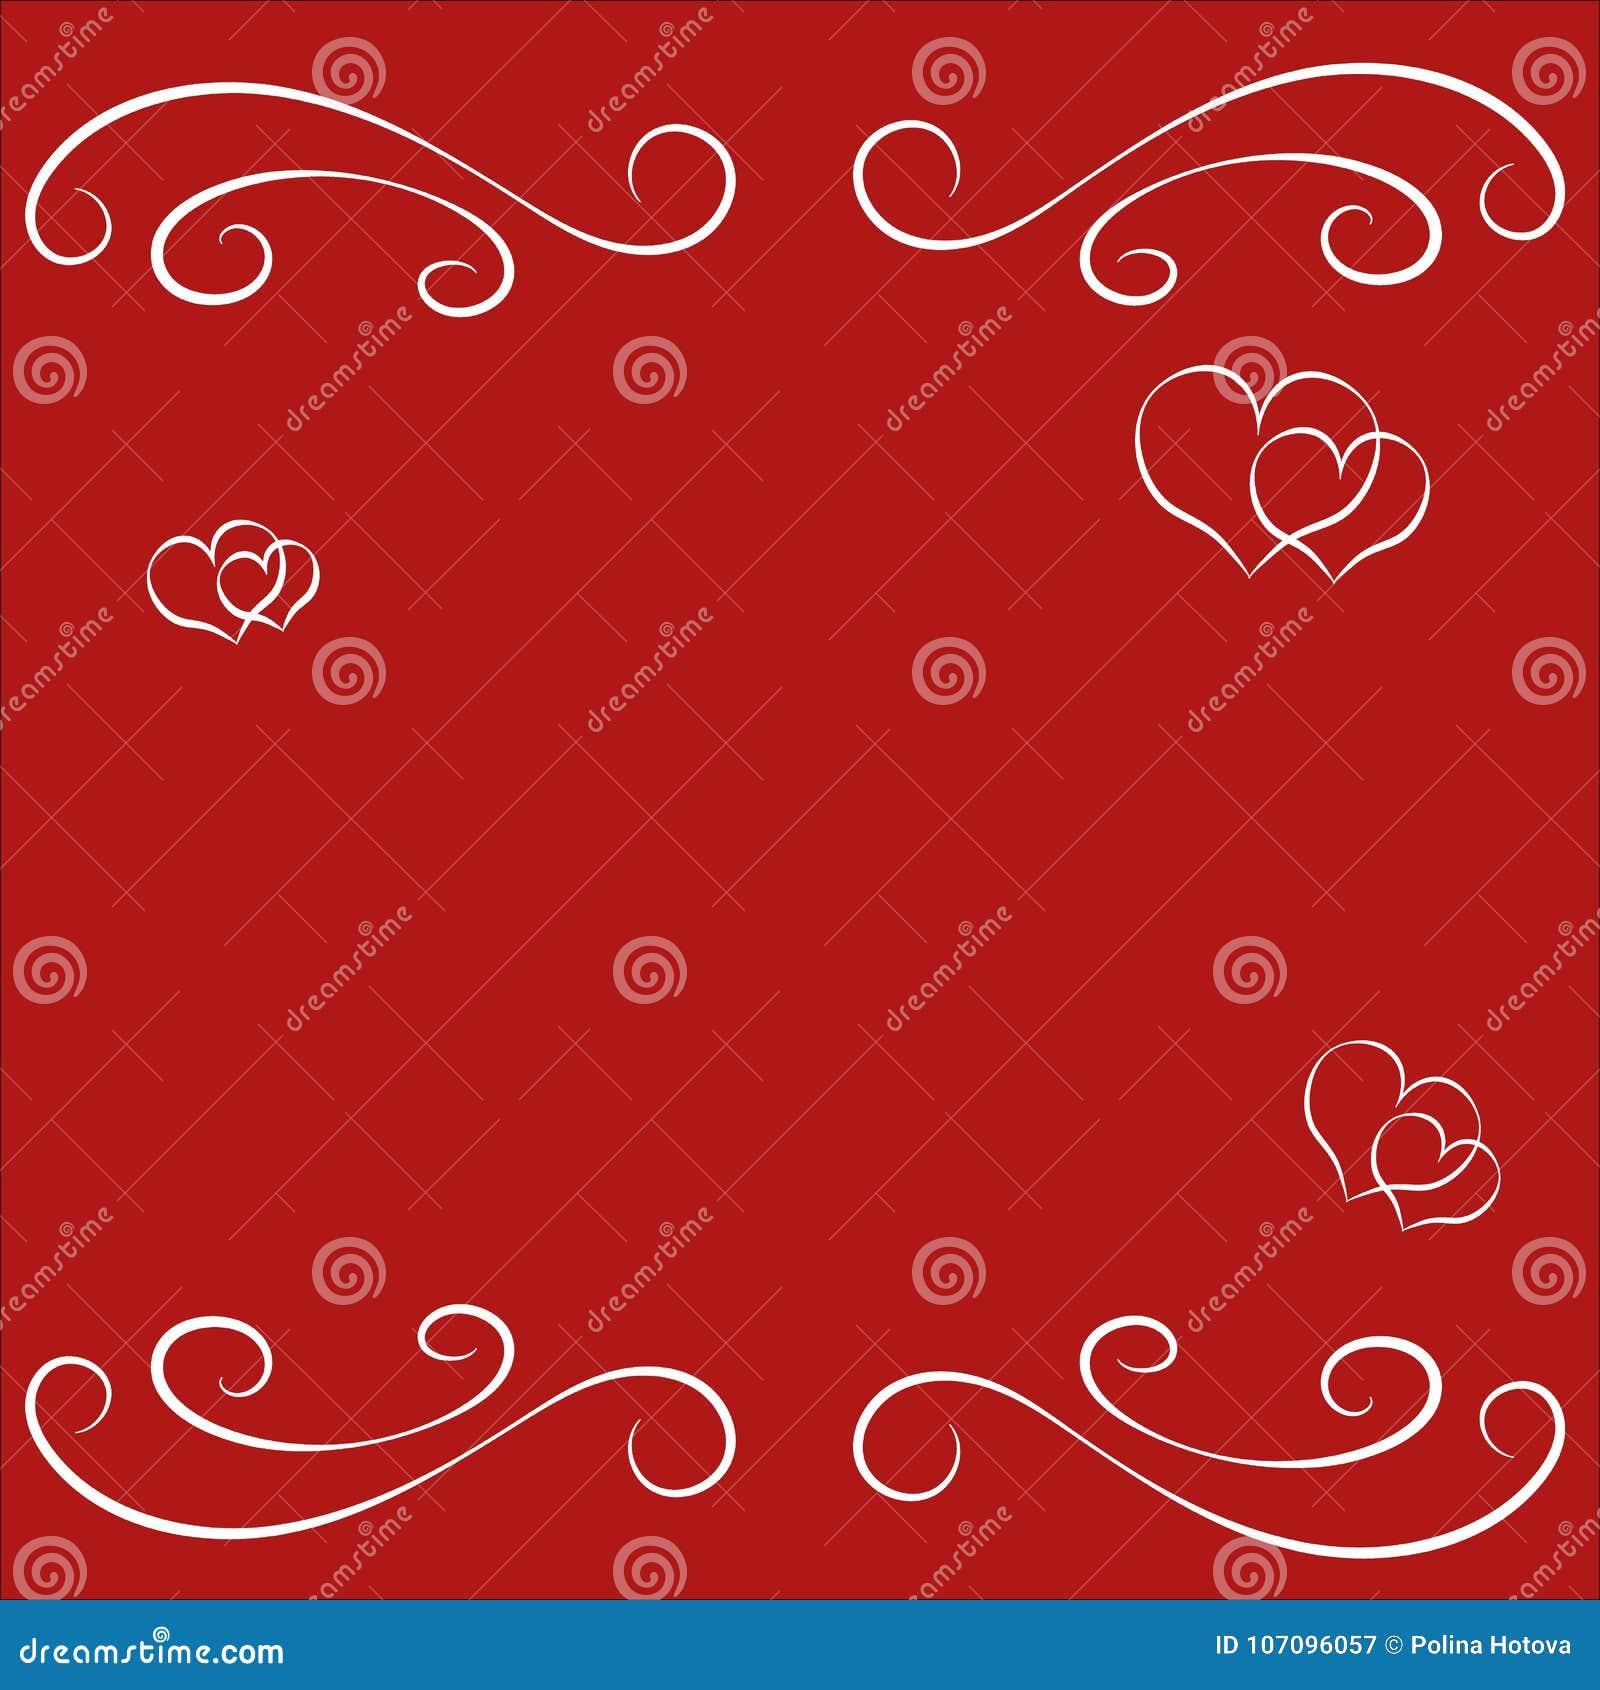 Cadre Vide De Frontiere De Saint Valentin Heureux Abstrait Pour La